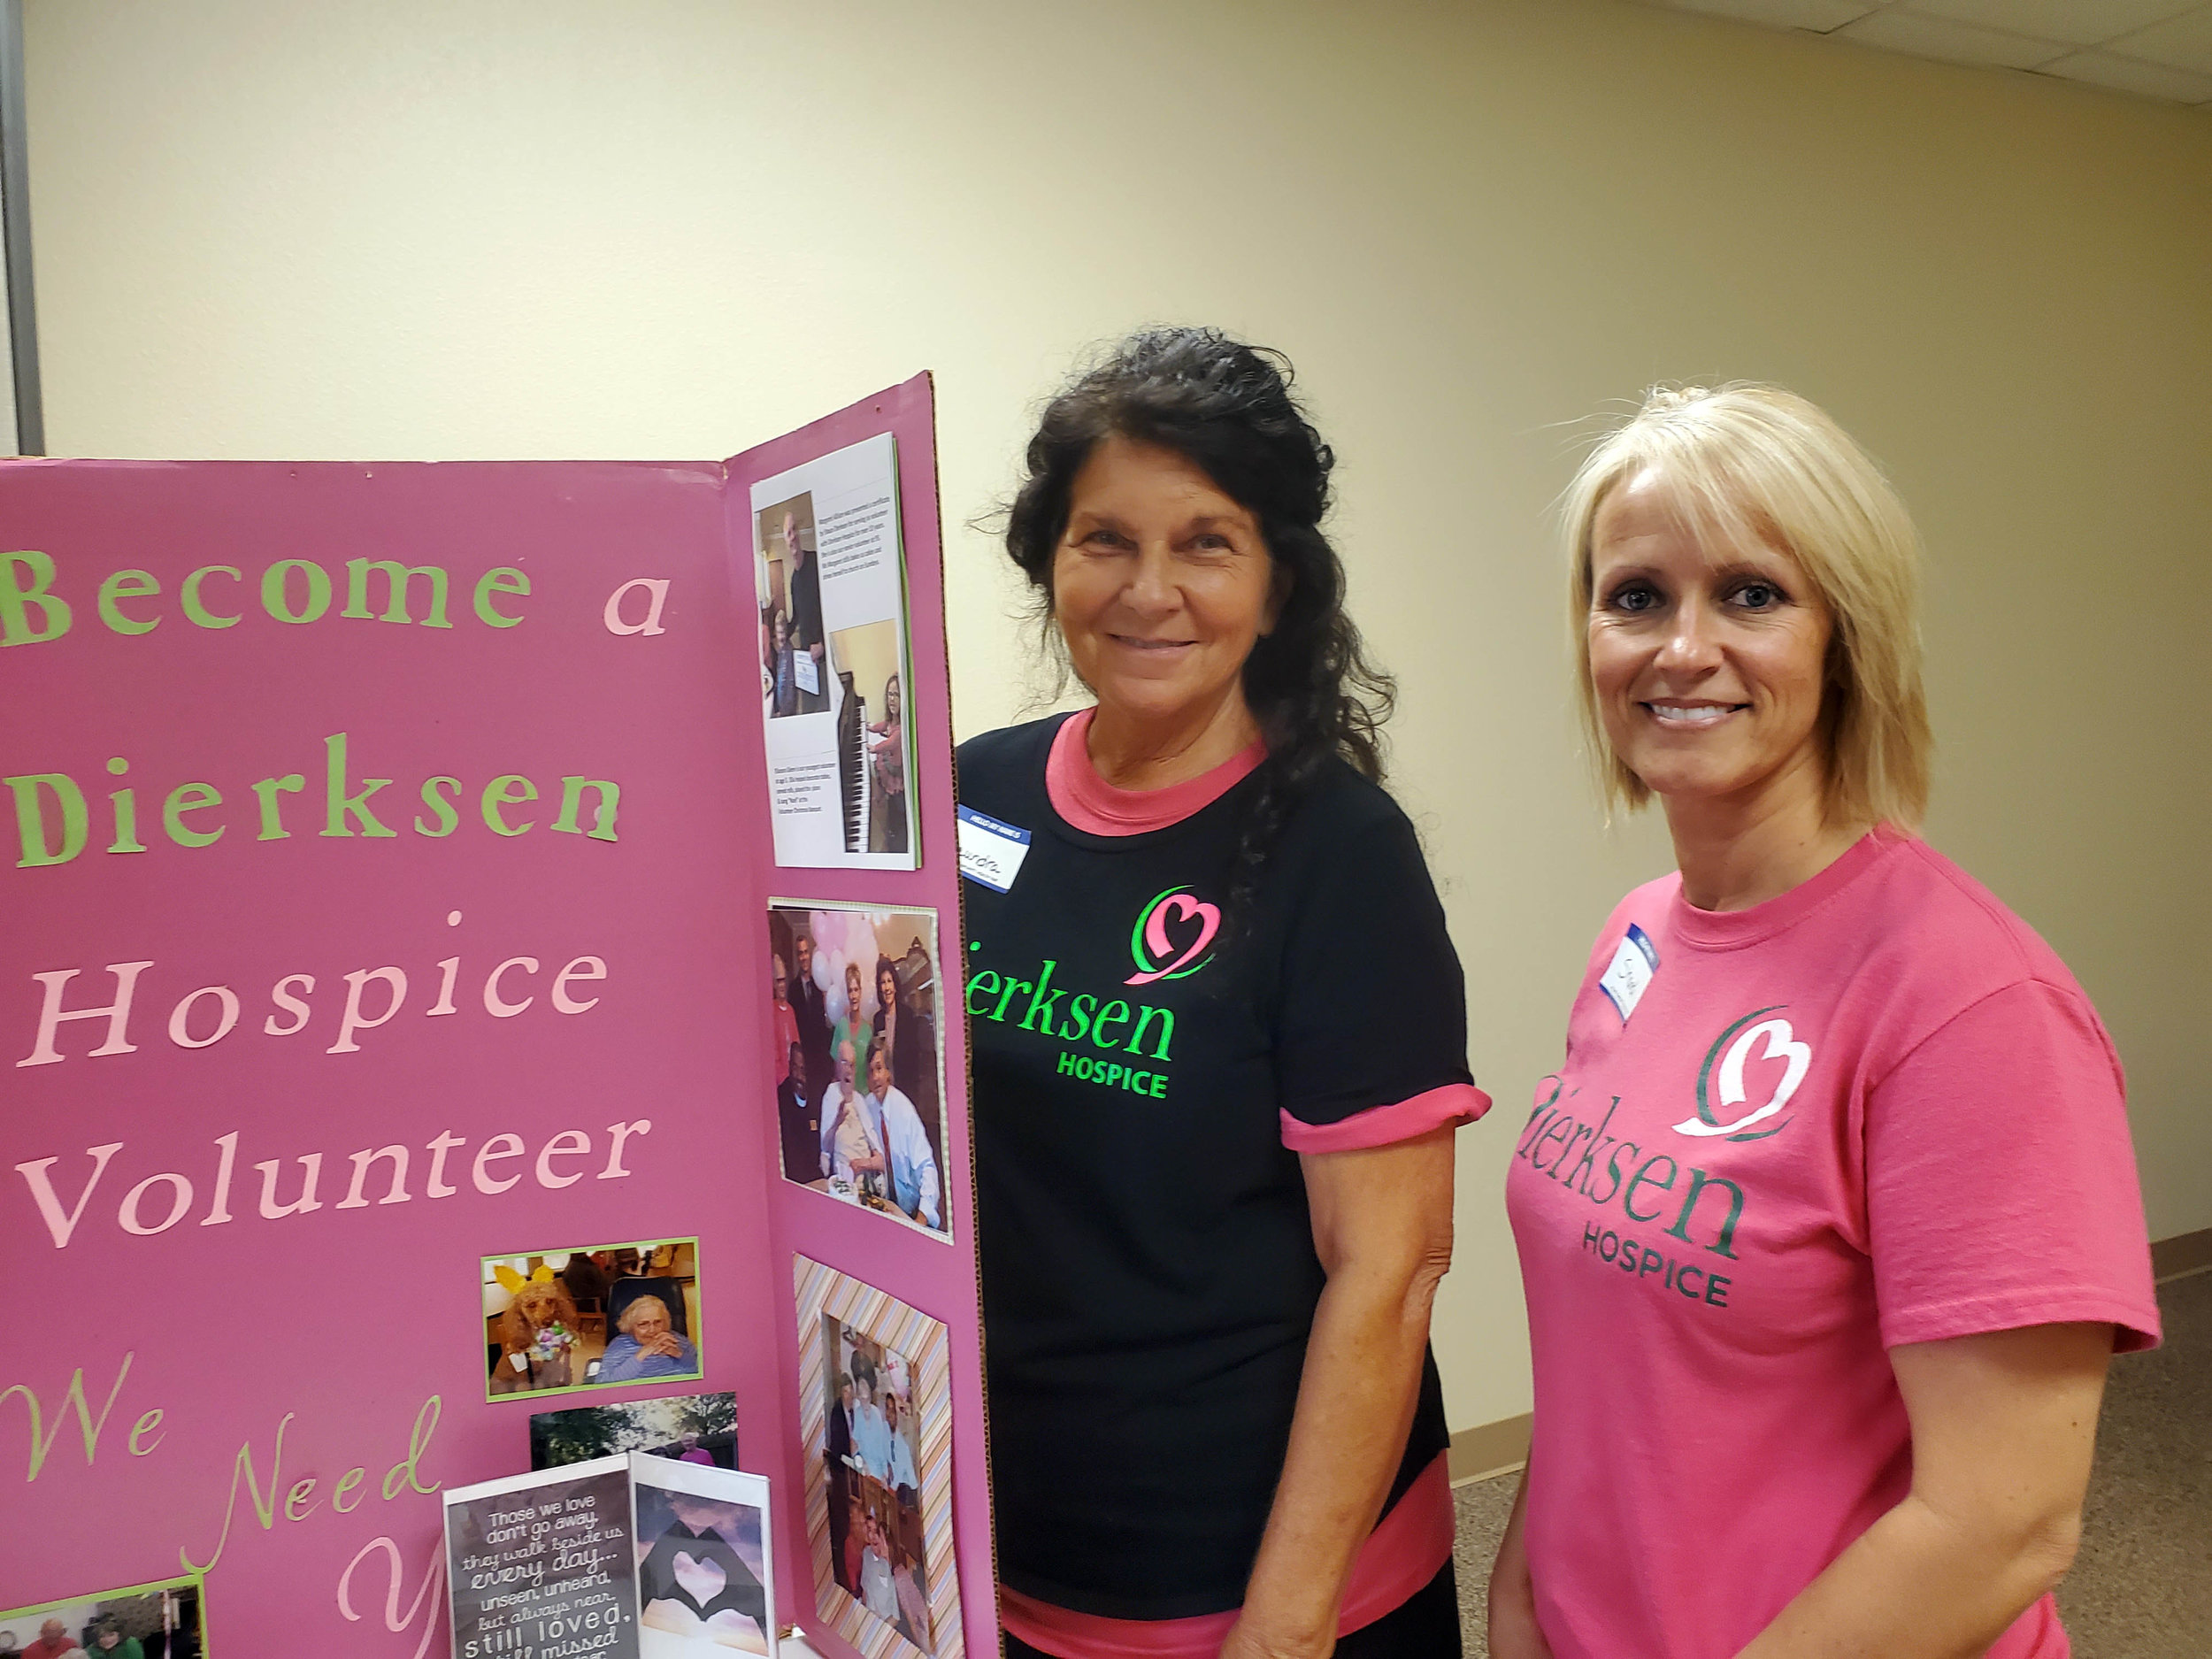 Saundra Sherwood and Shandi Allen – Dierksen Hospice